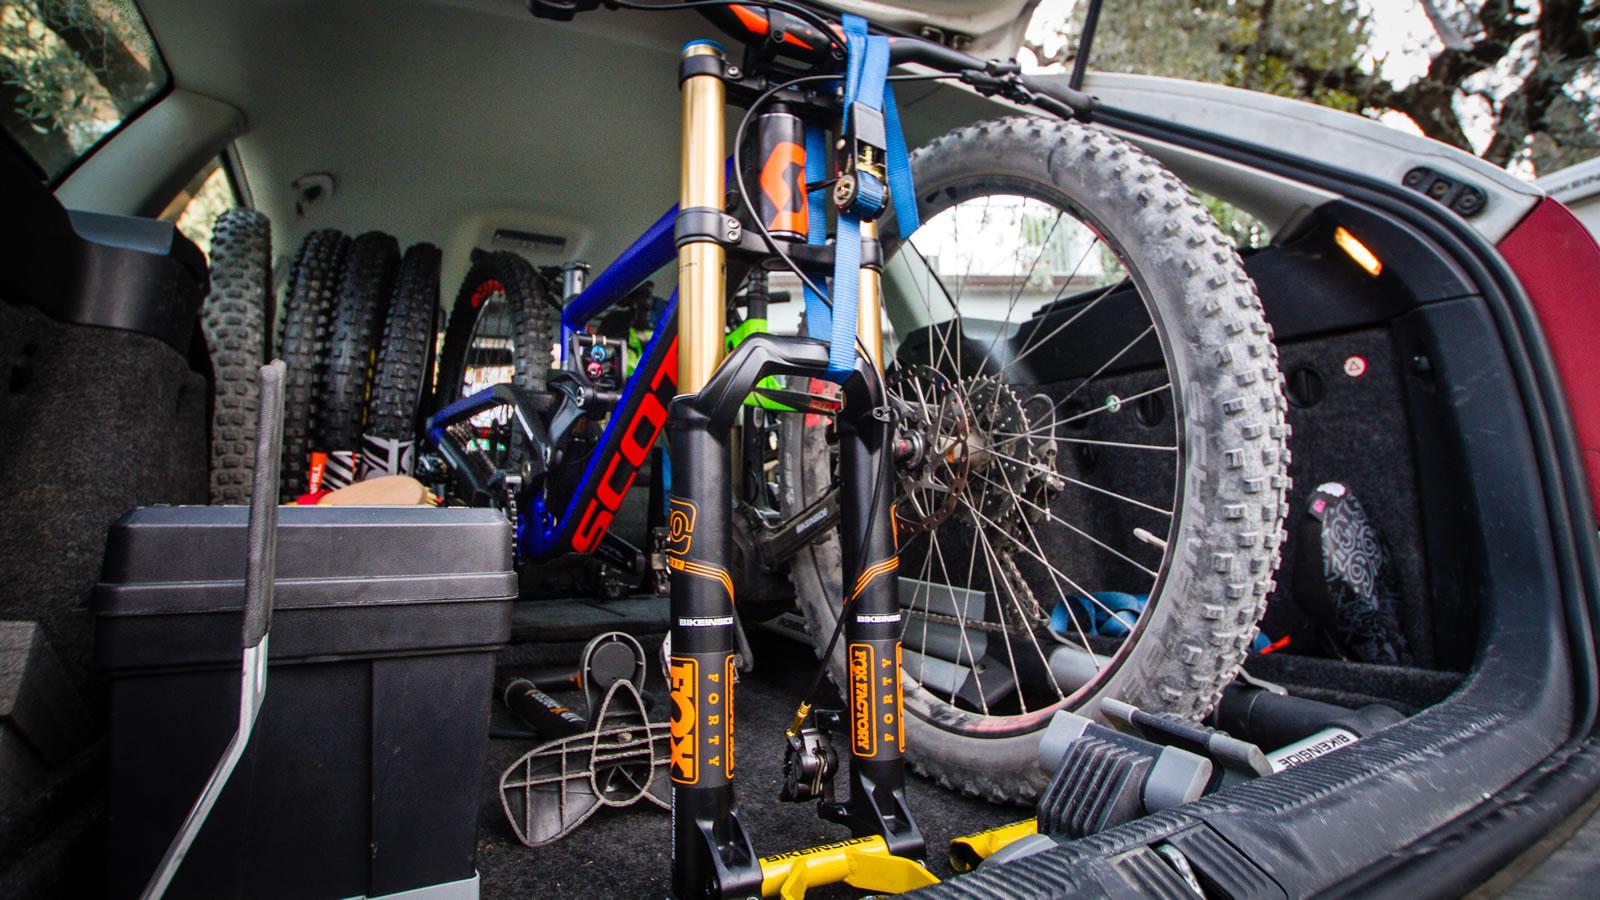 bikeinside system bikeinside bikeinside gabelaufnahme weiterlesen. Black Bedroom Furniture Sets. Home Design Ideas